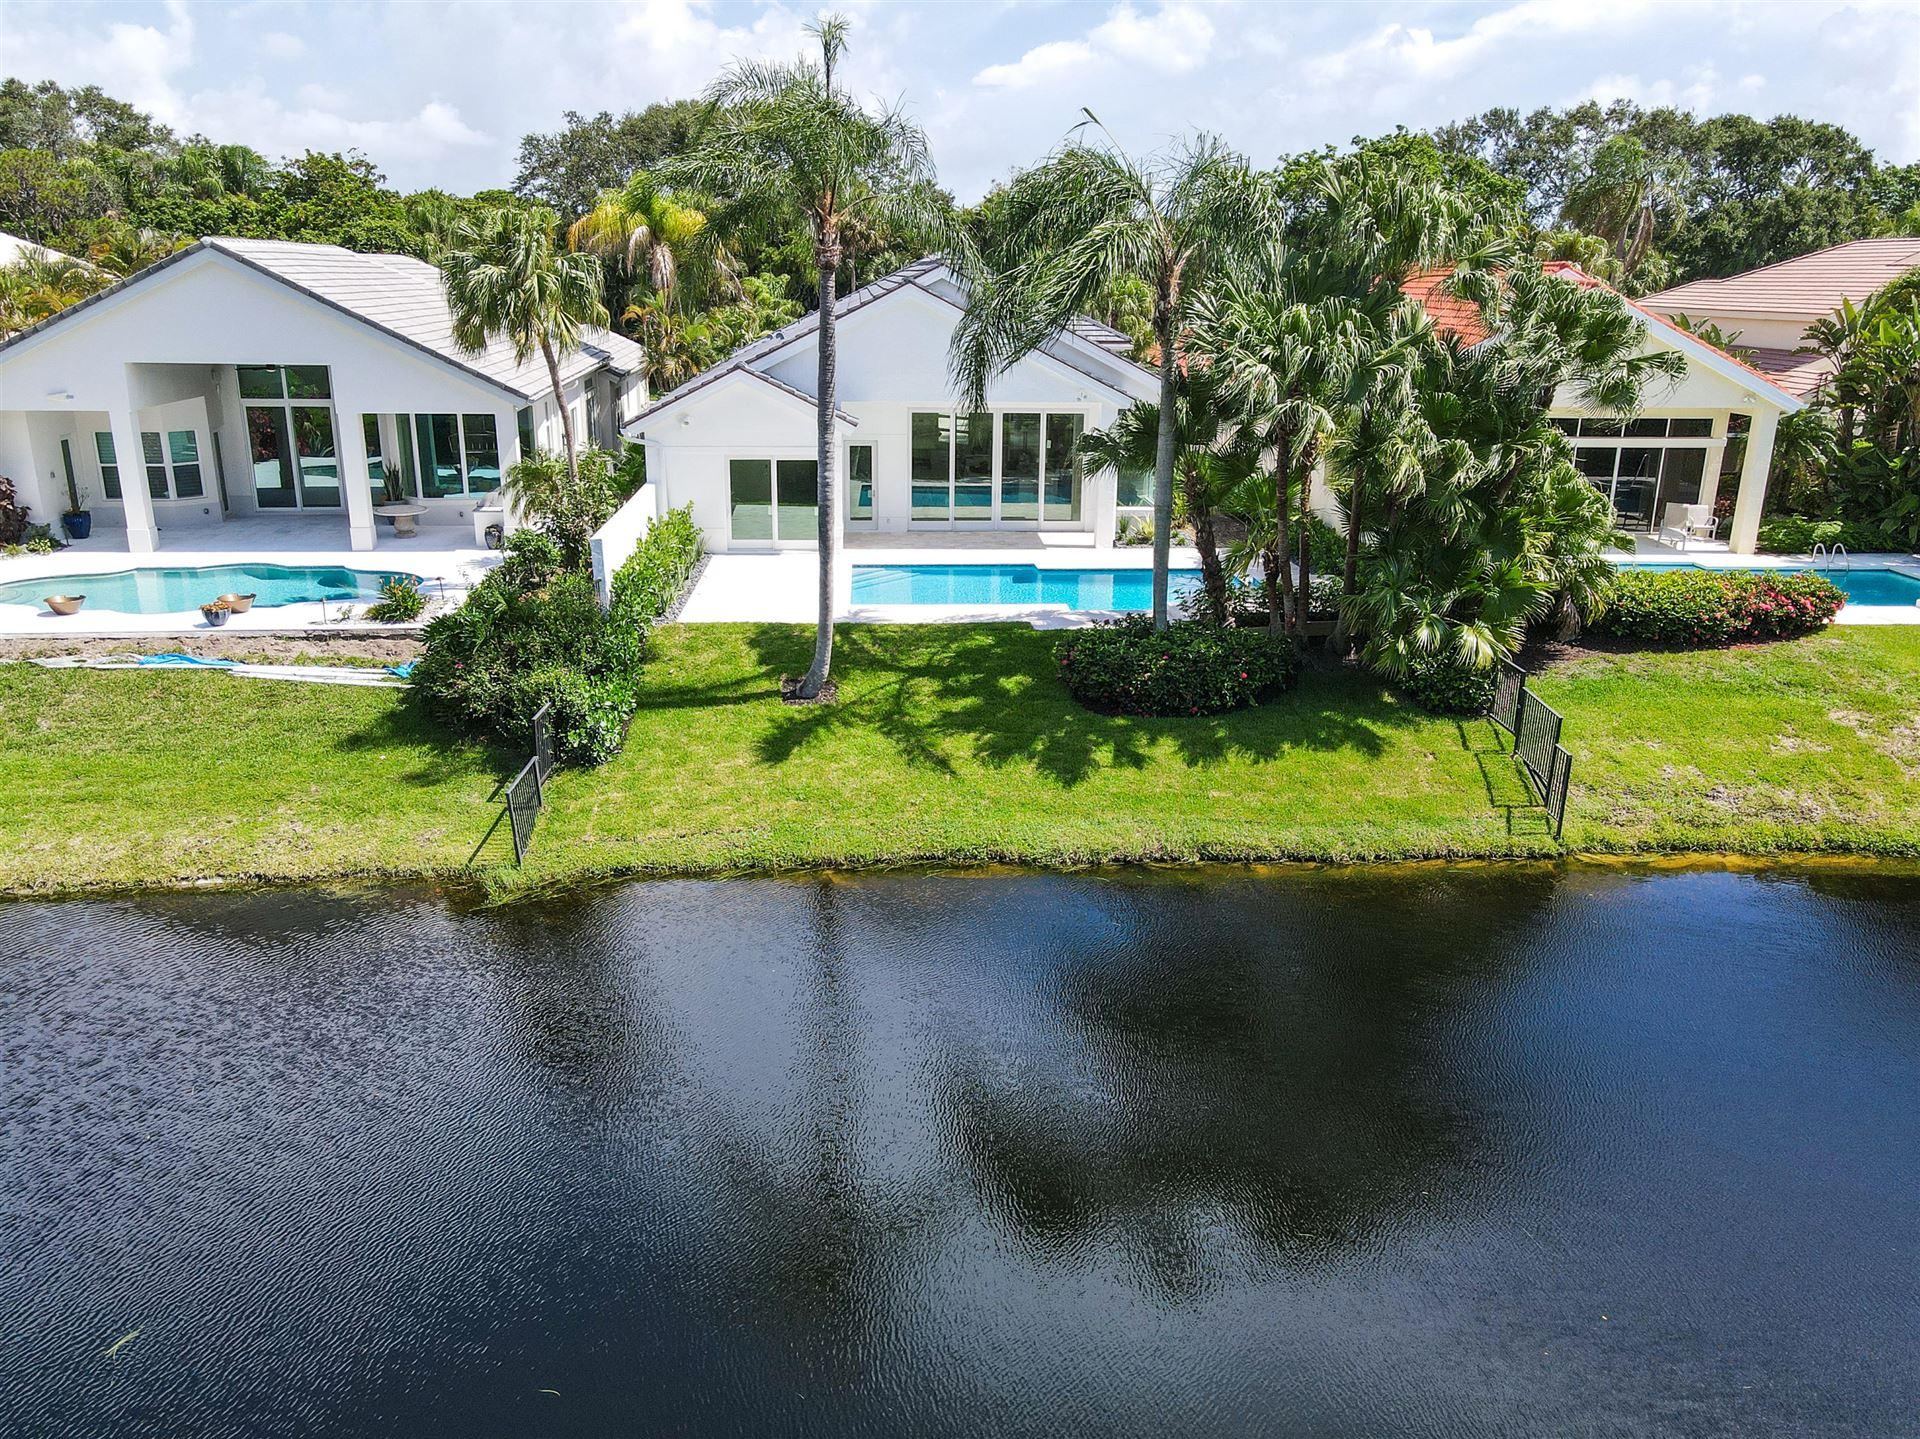 Photo of 3338 W Degas Drive W, Palm Beach Gardens, FL 33410 (MLS # RX-10714198)